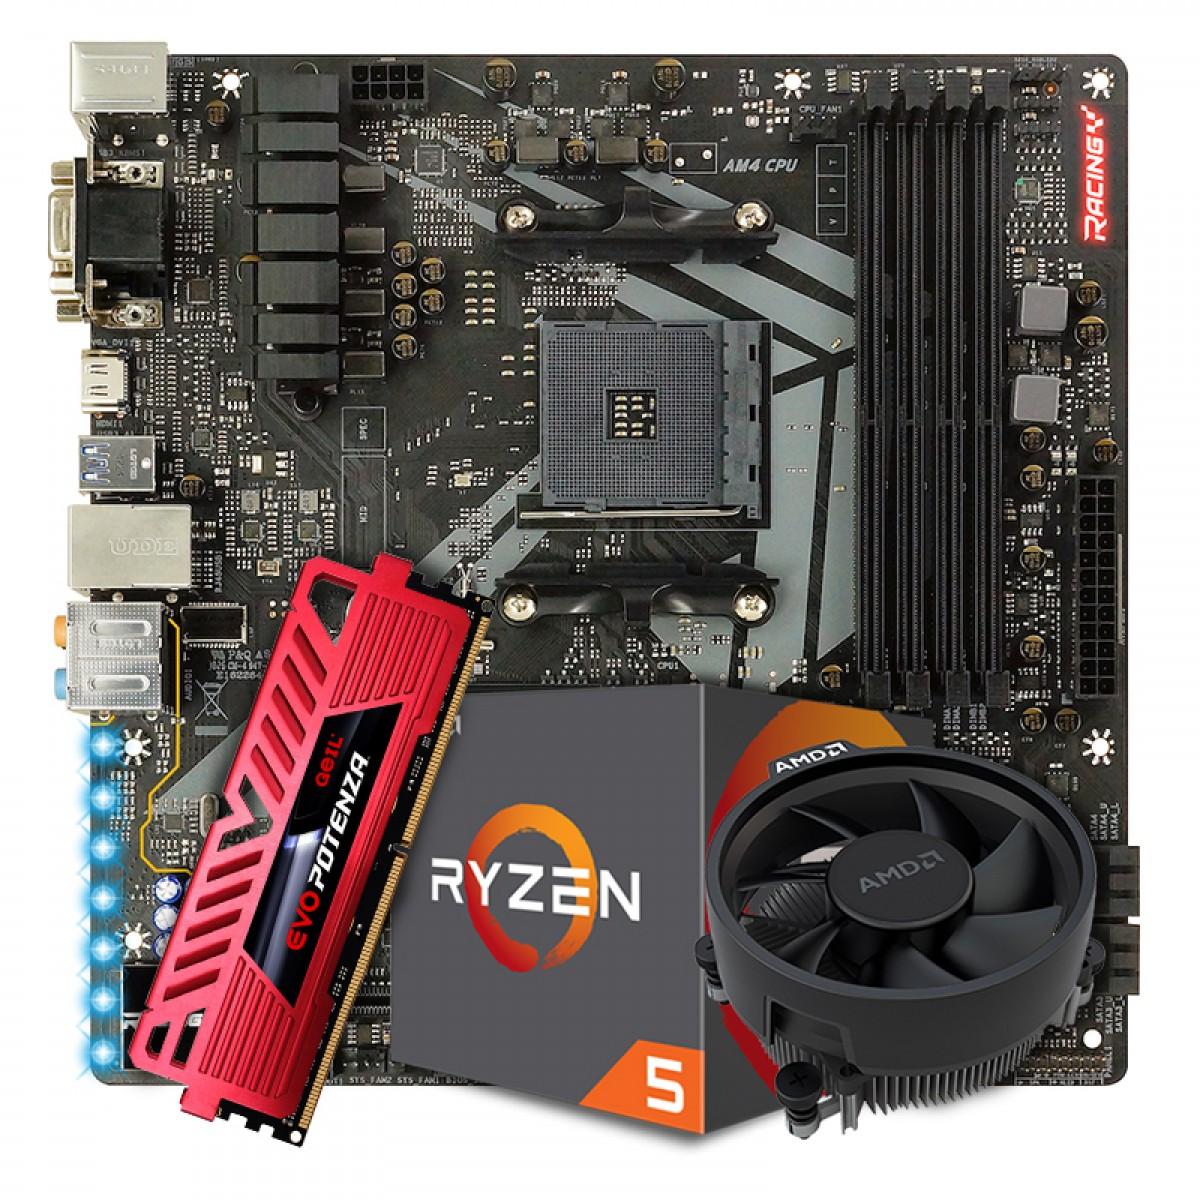 Kit Upgrade Placa Mãe Biostar Racing B450GT3 AMD AM4 DDR4 + Processador AMD Ryzen 5 2600 3.6GHz + Memória DDR4 8GB 3200MHZ